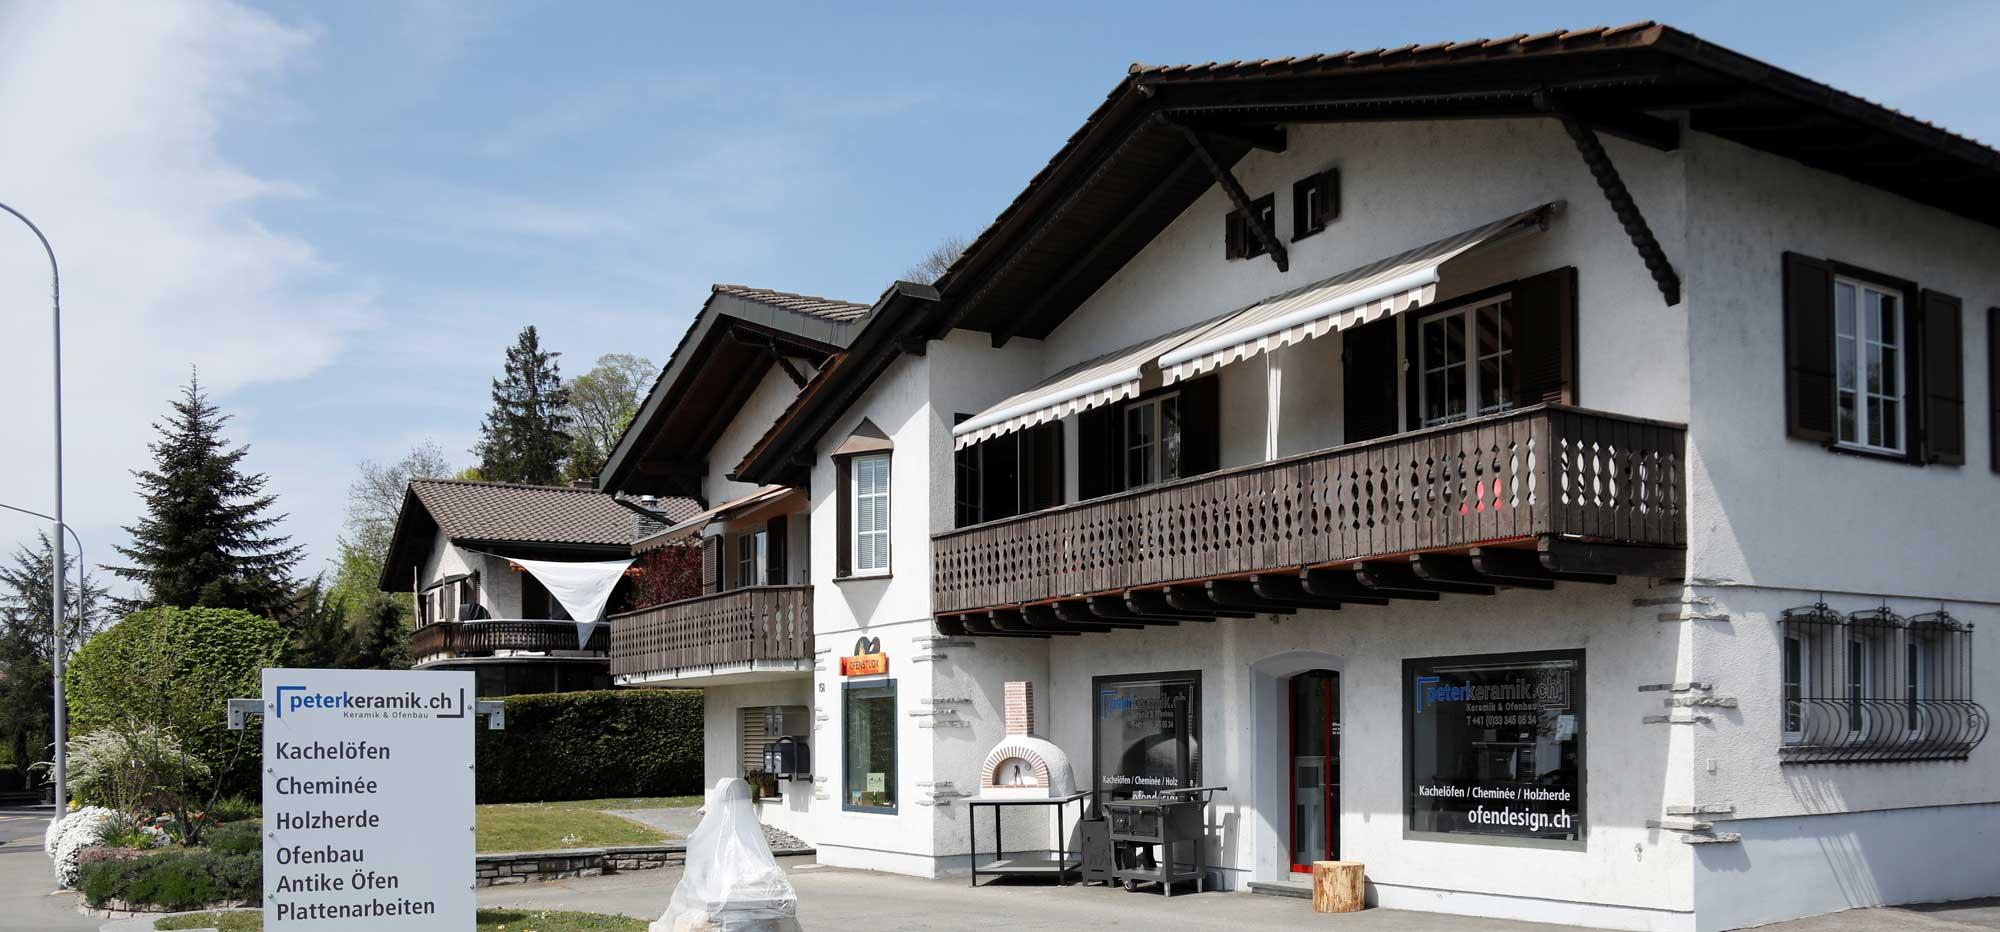 Virtueller Rundgang durch die Ofenausstellung von Peterkeramik GmbH in Hünibach bei Thun